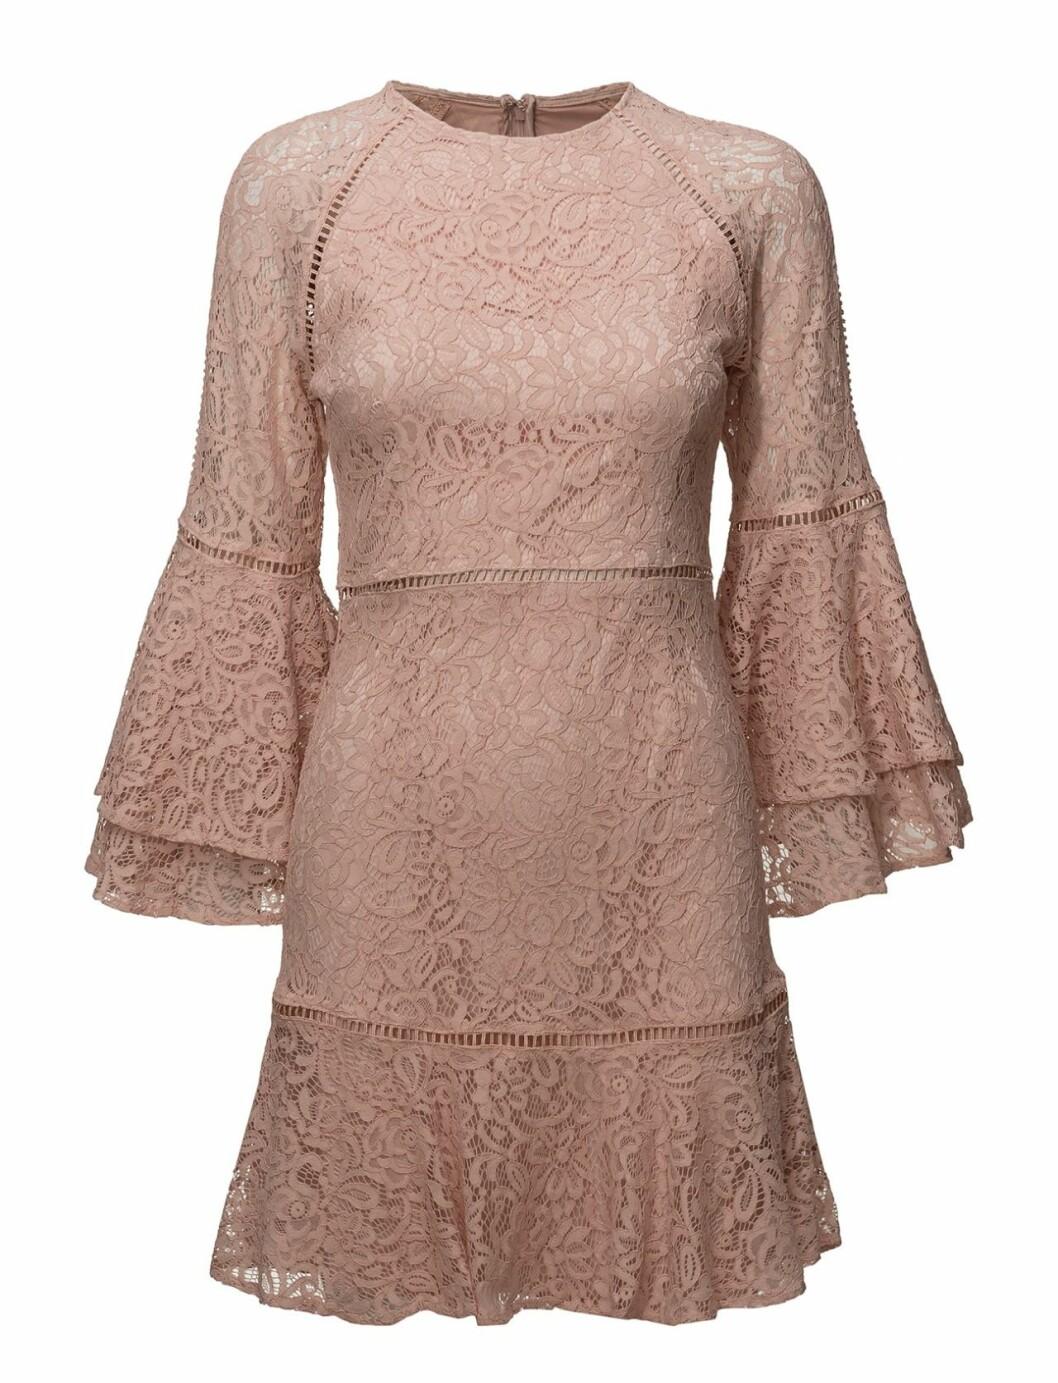 Rosa spetsklänning till nyår